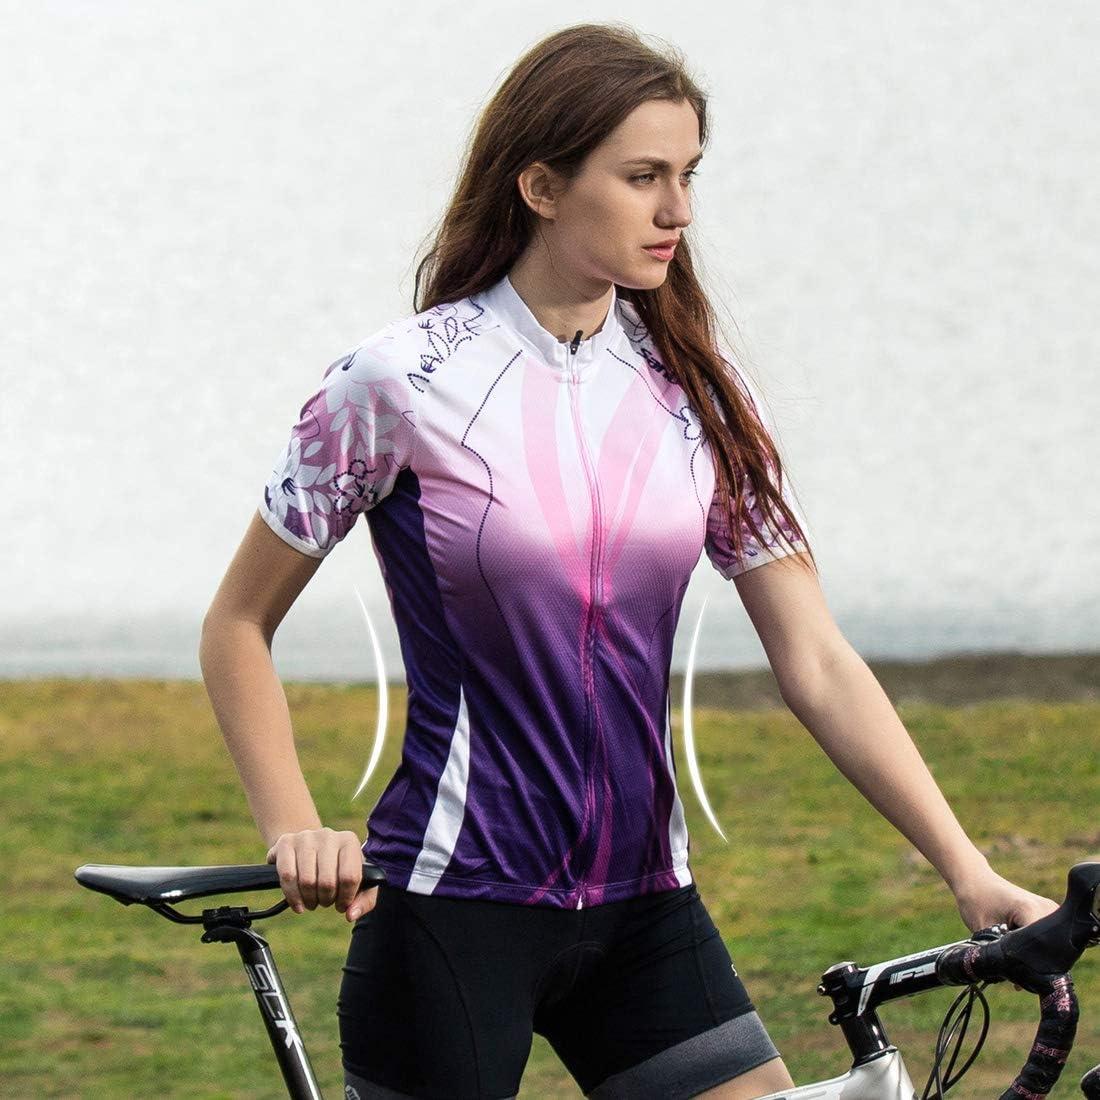 Ciclismo Bicicletta Donna Maglia Manica Corta Maglia da con Coolmax Abbigliamento Ciclismo Antivento Prestazioni Traspirazione